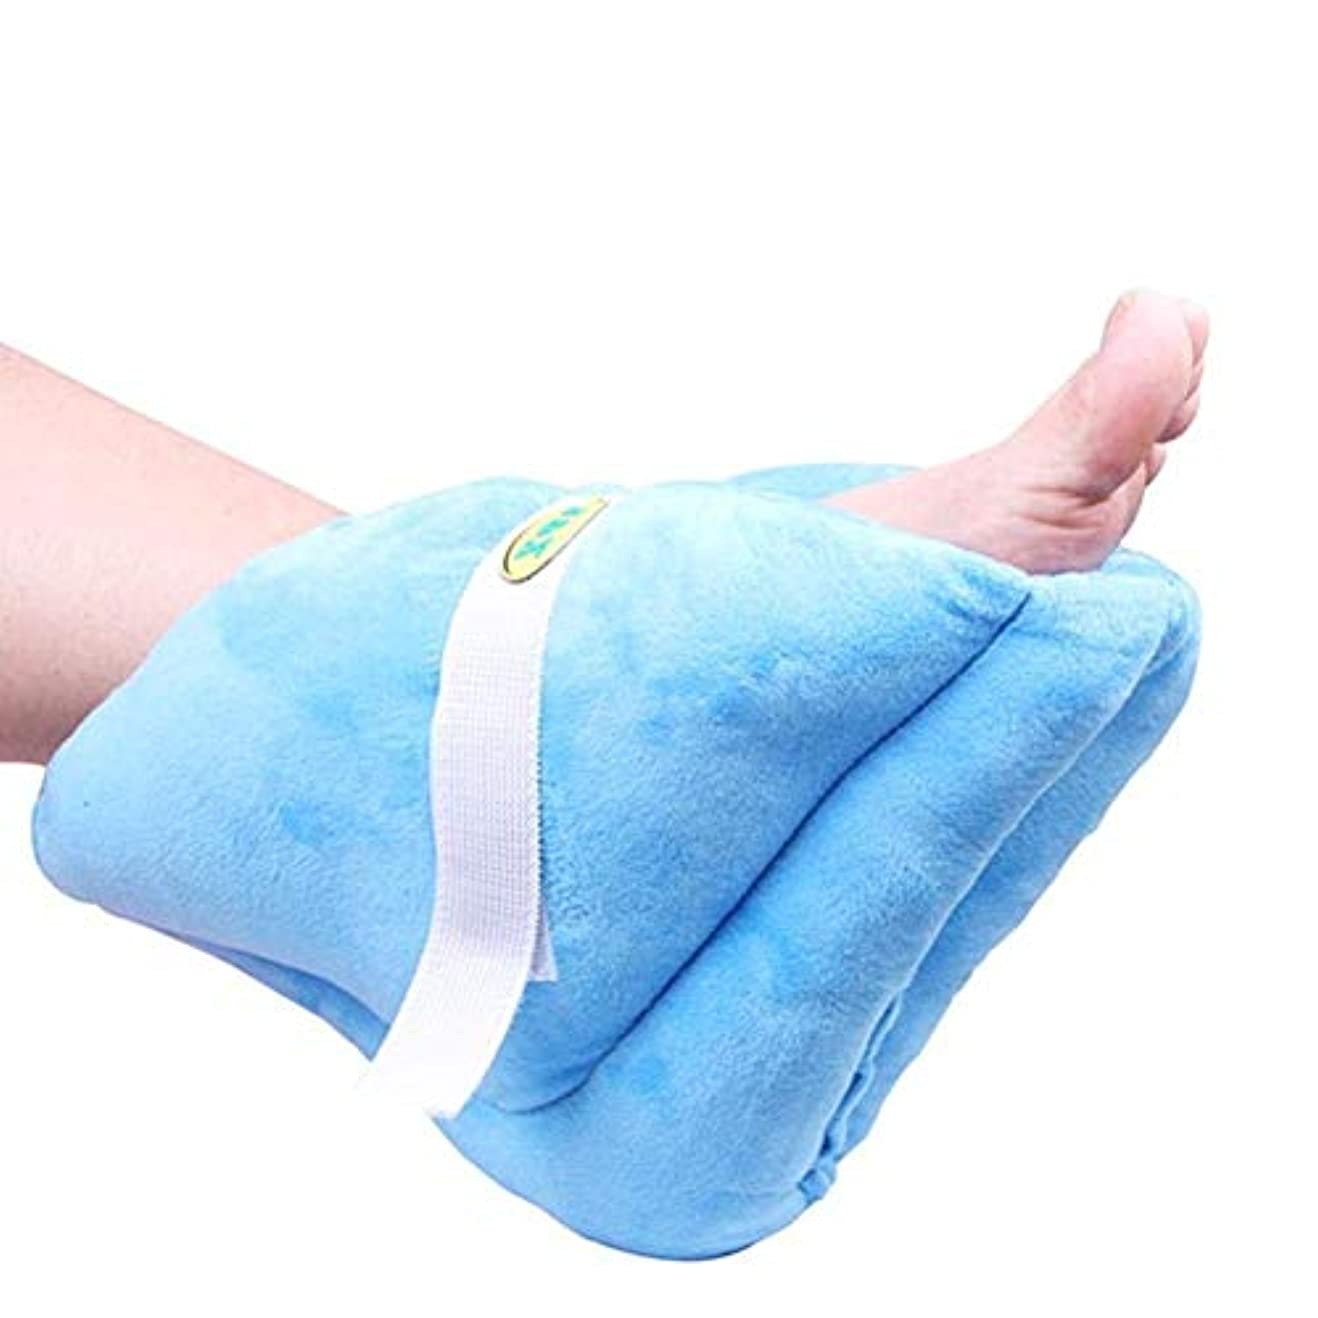 質量なぜ石膏ヒールプロテクタークッション - フットプロテクターピローブーツ - 褥瘡の予防と足圧を軽減するためのフットサポートピロー